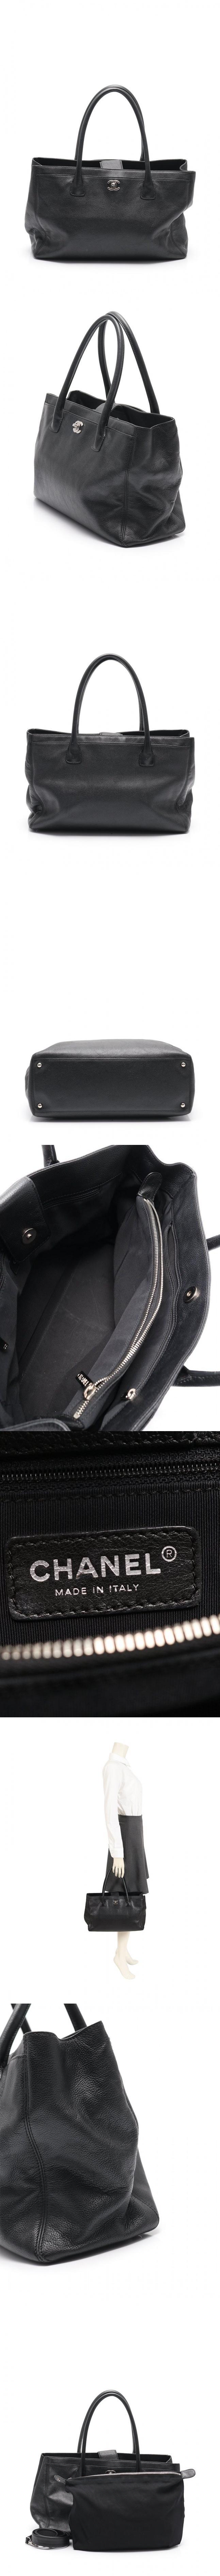 トートバッグ ショルダーバッグ エグゼクティブ ココマーク 黒 A15206 レザー 2WAY シルバー金具